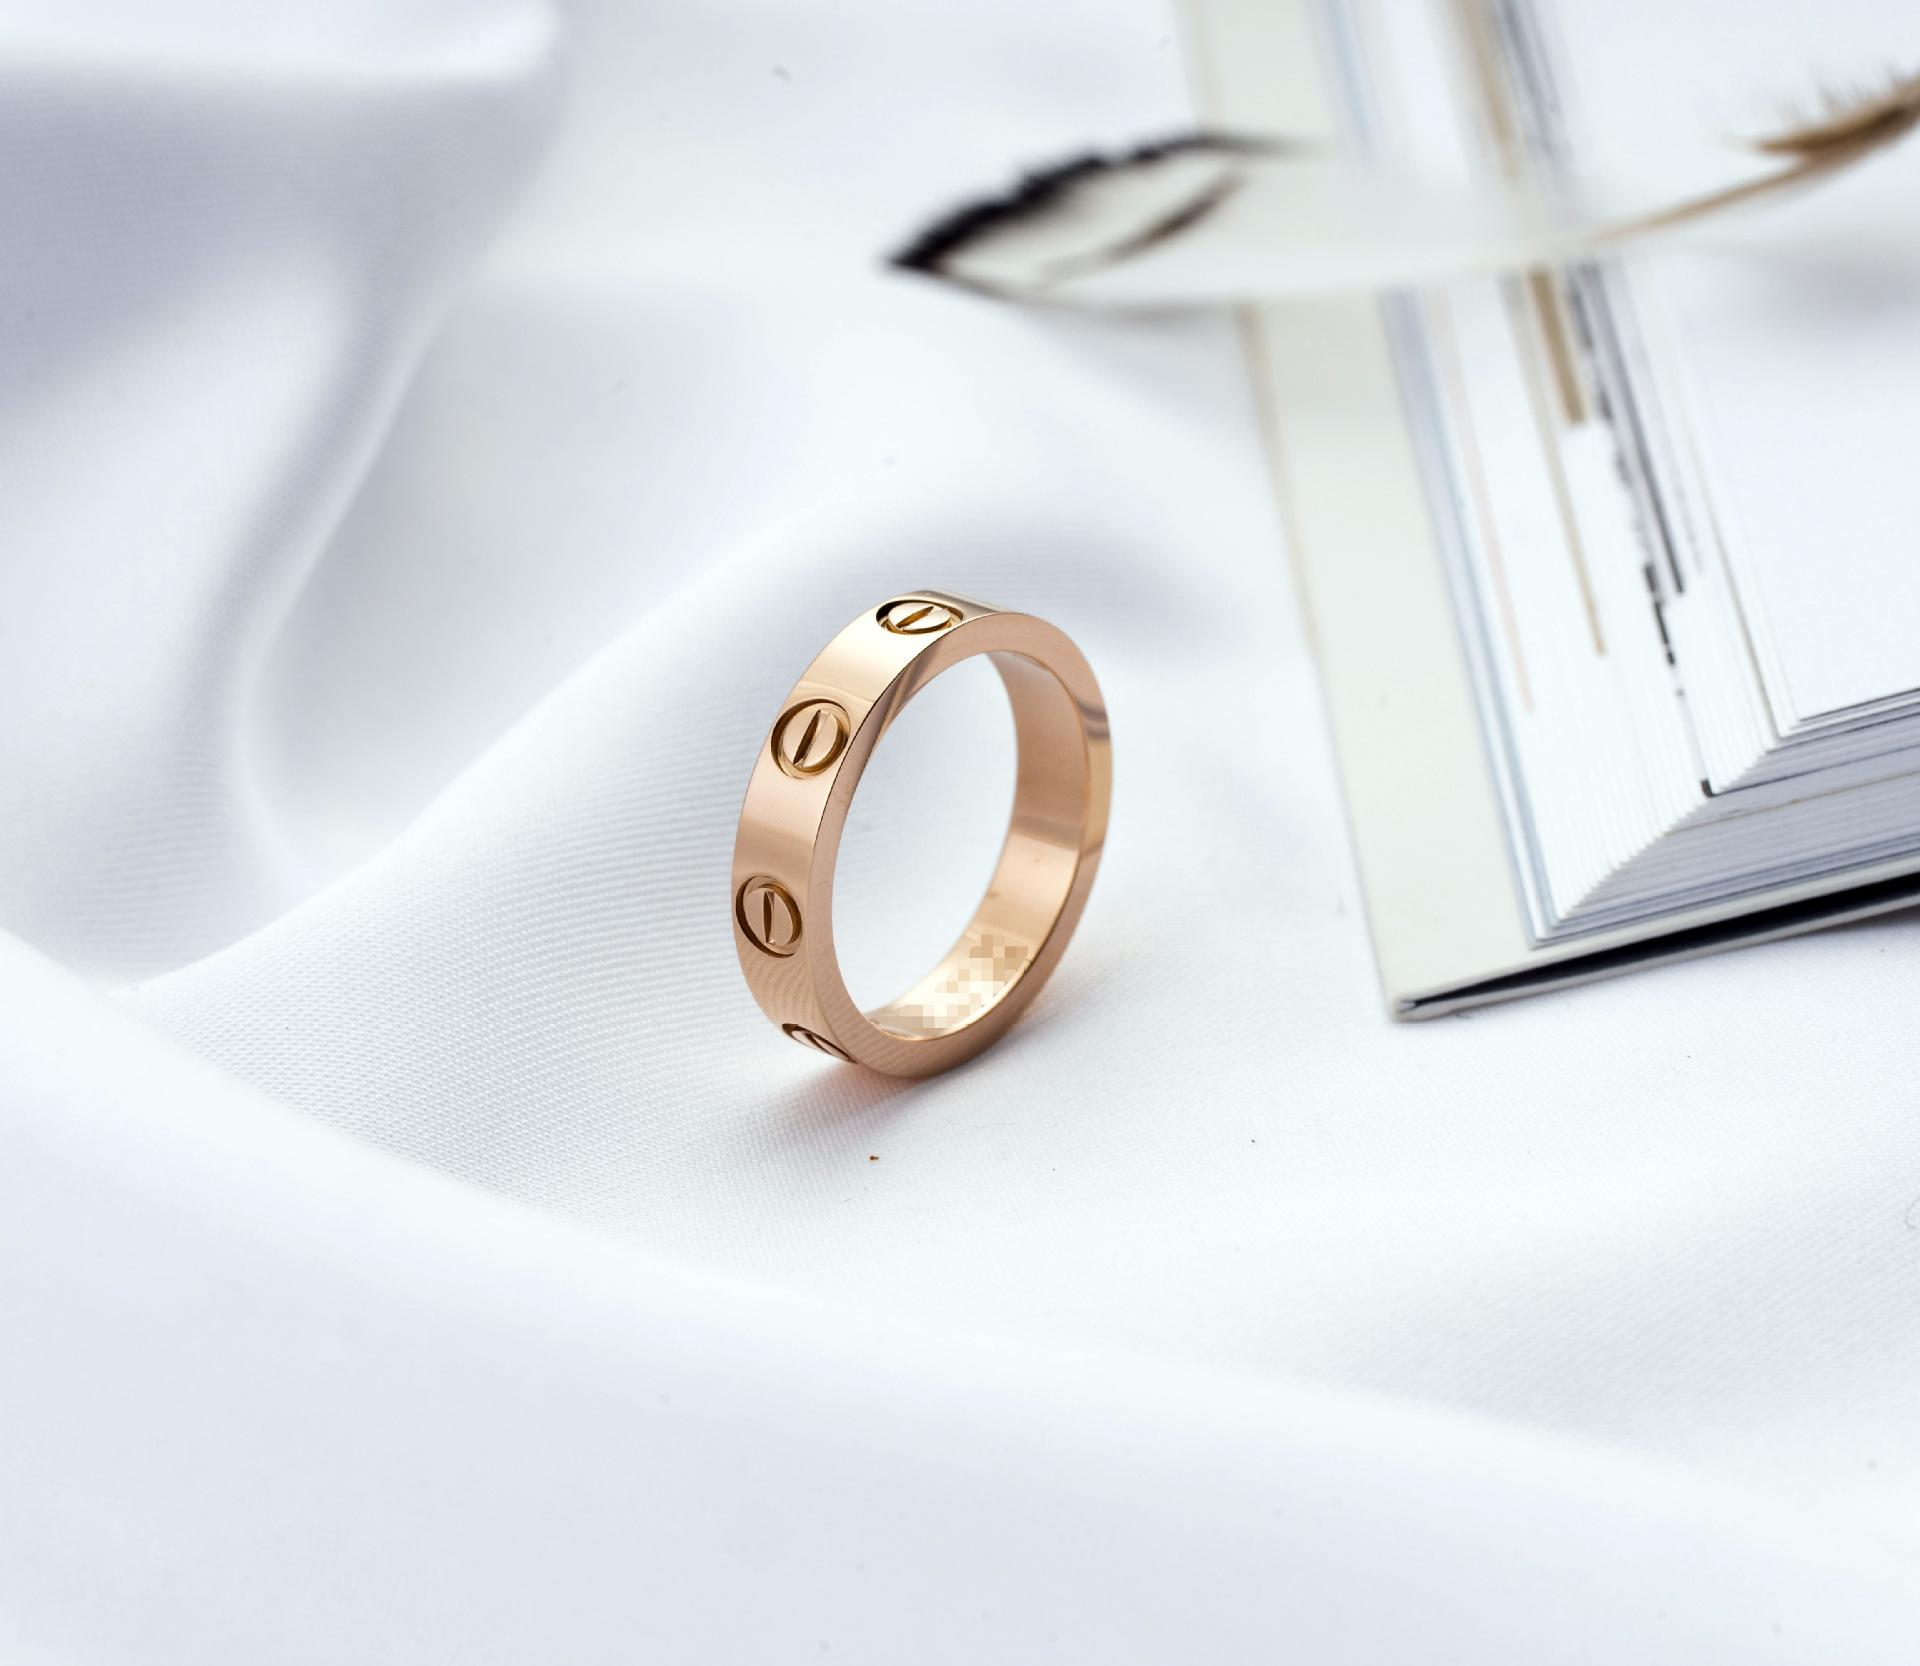 Gli amanti di nozze progettista di marca d'acciaio di titanio per le donne di lusso Zirconia anelli di fidanzamento uomini gioielli regali in acciaio inox